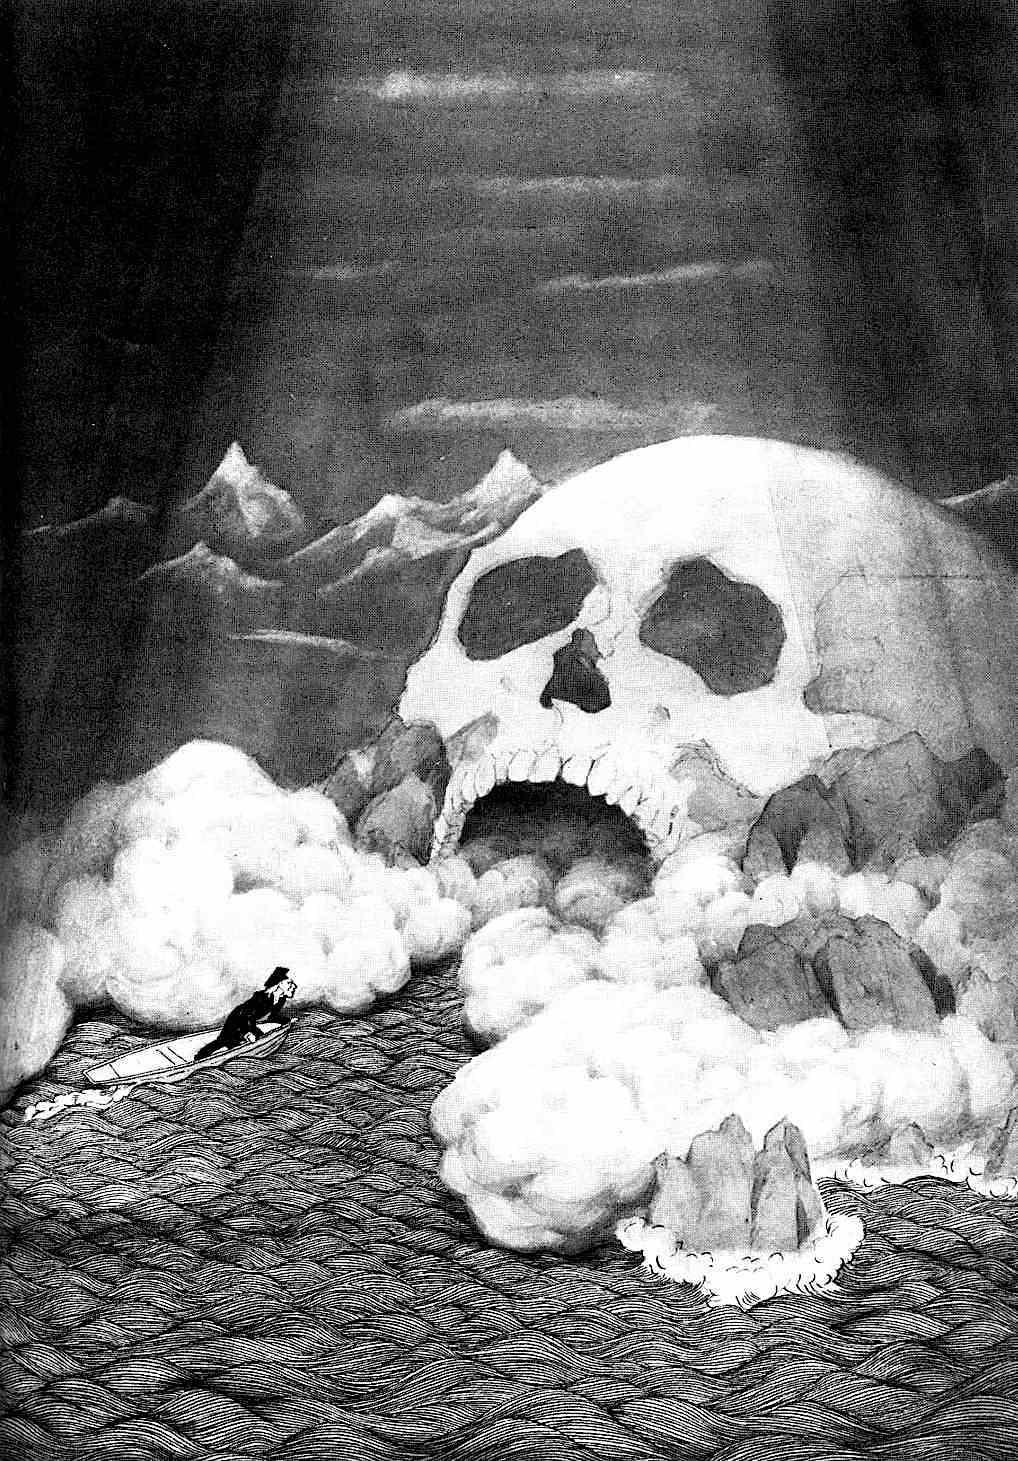 Sidney Sime illustration of a giant skull